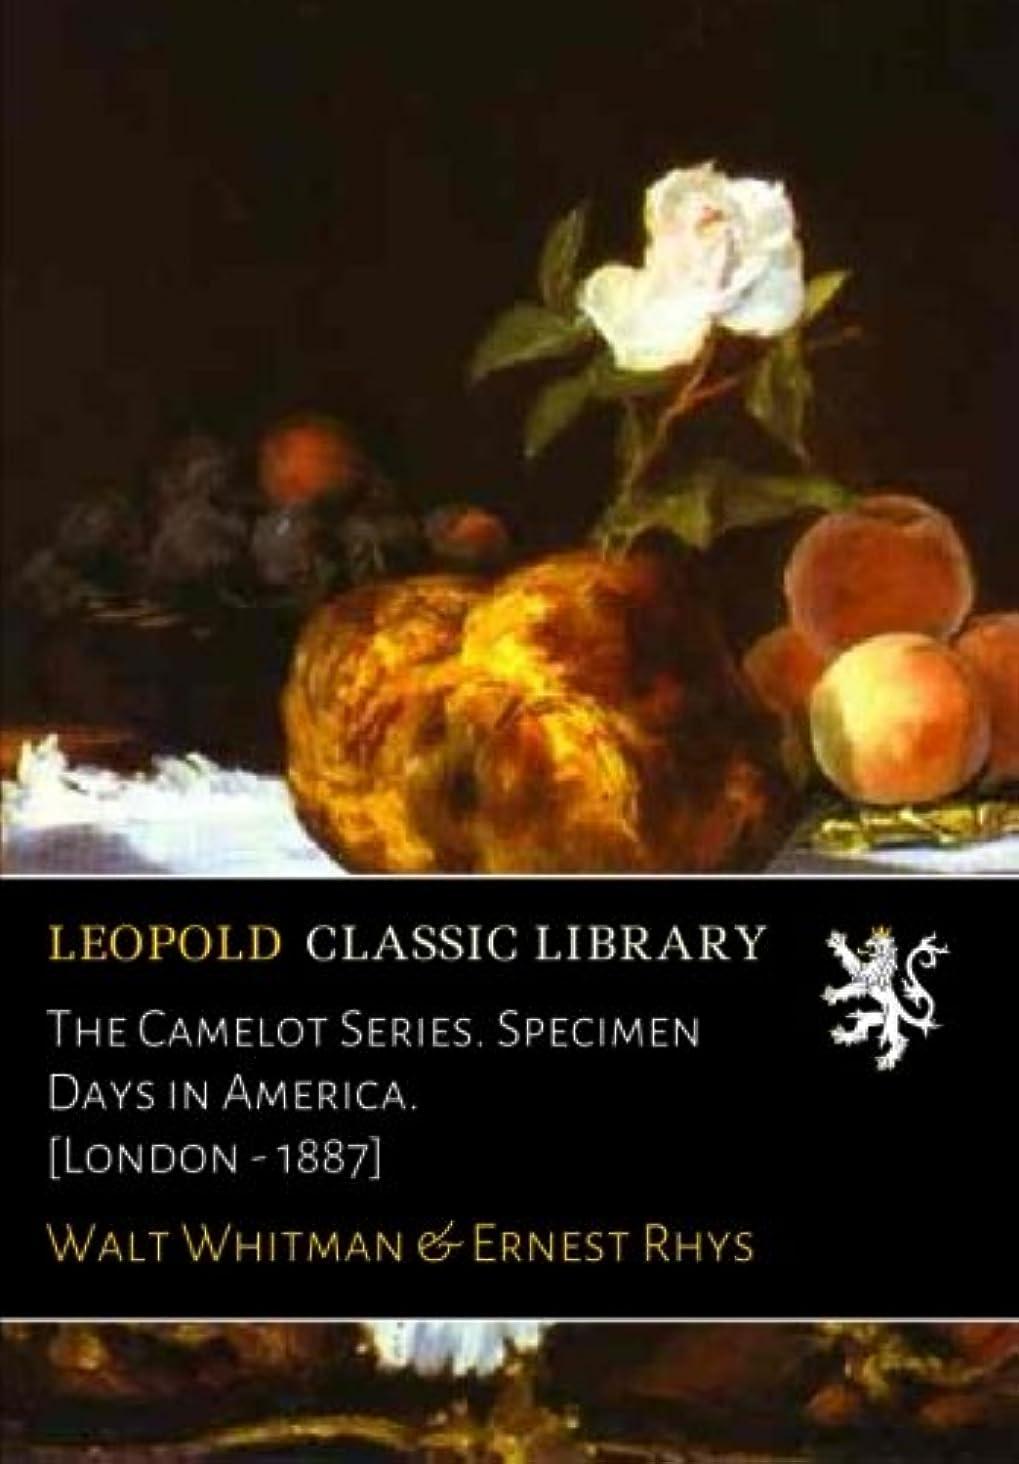 免疫好戦的なタヒチThe Camelot Series. Specimen Days in America. [London - 1887]